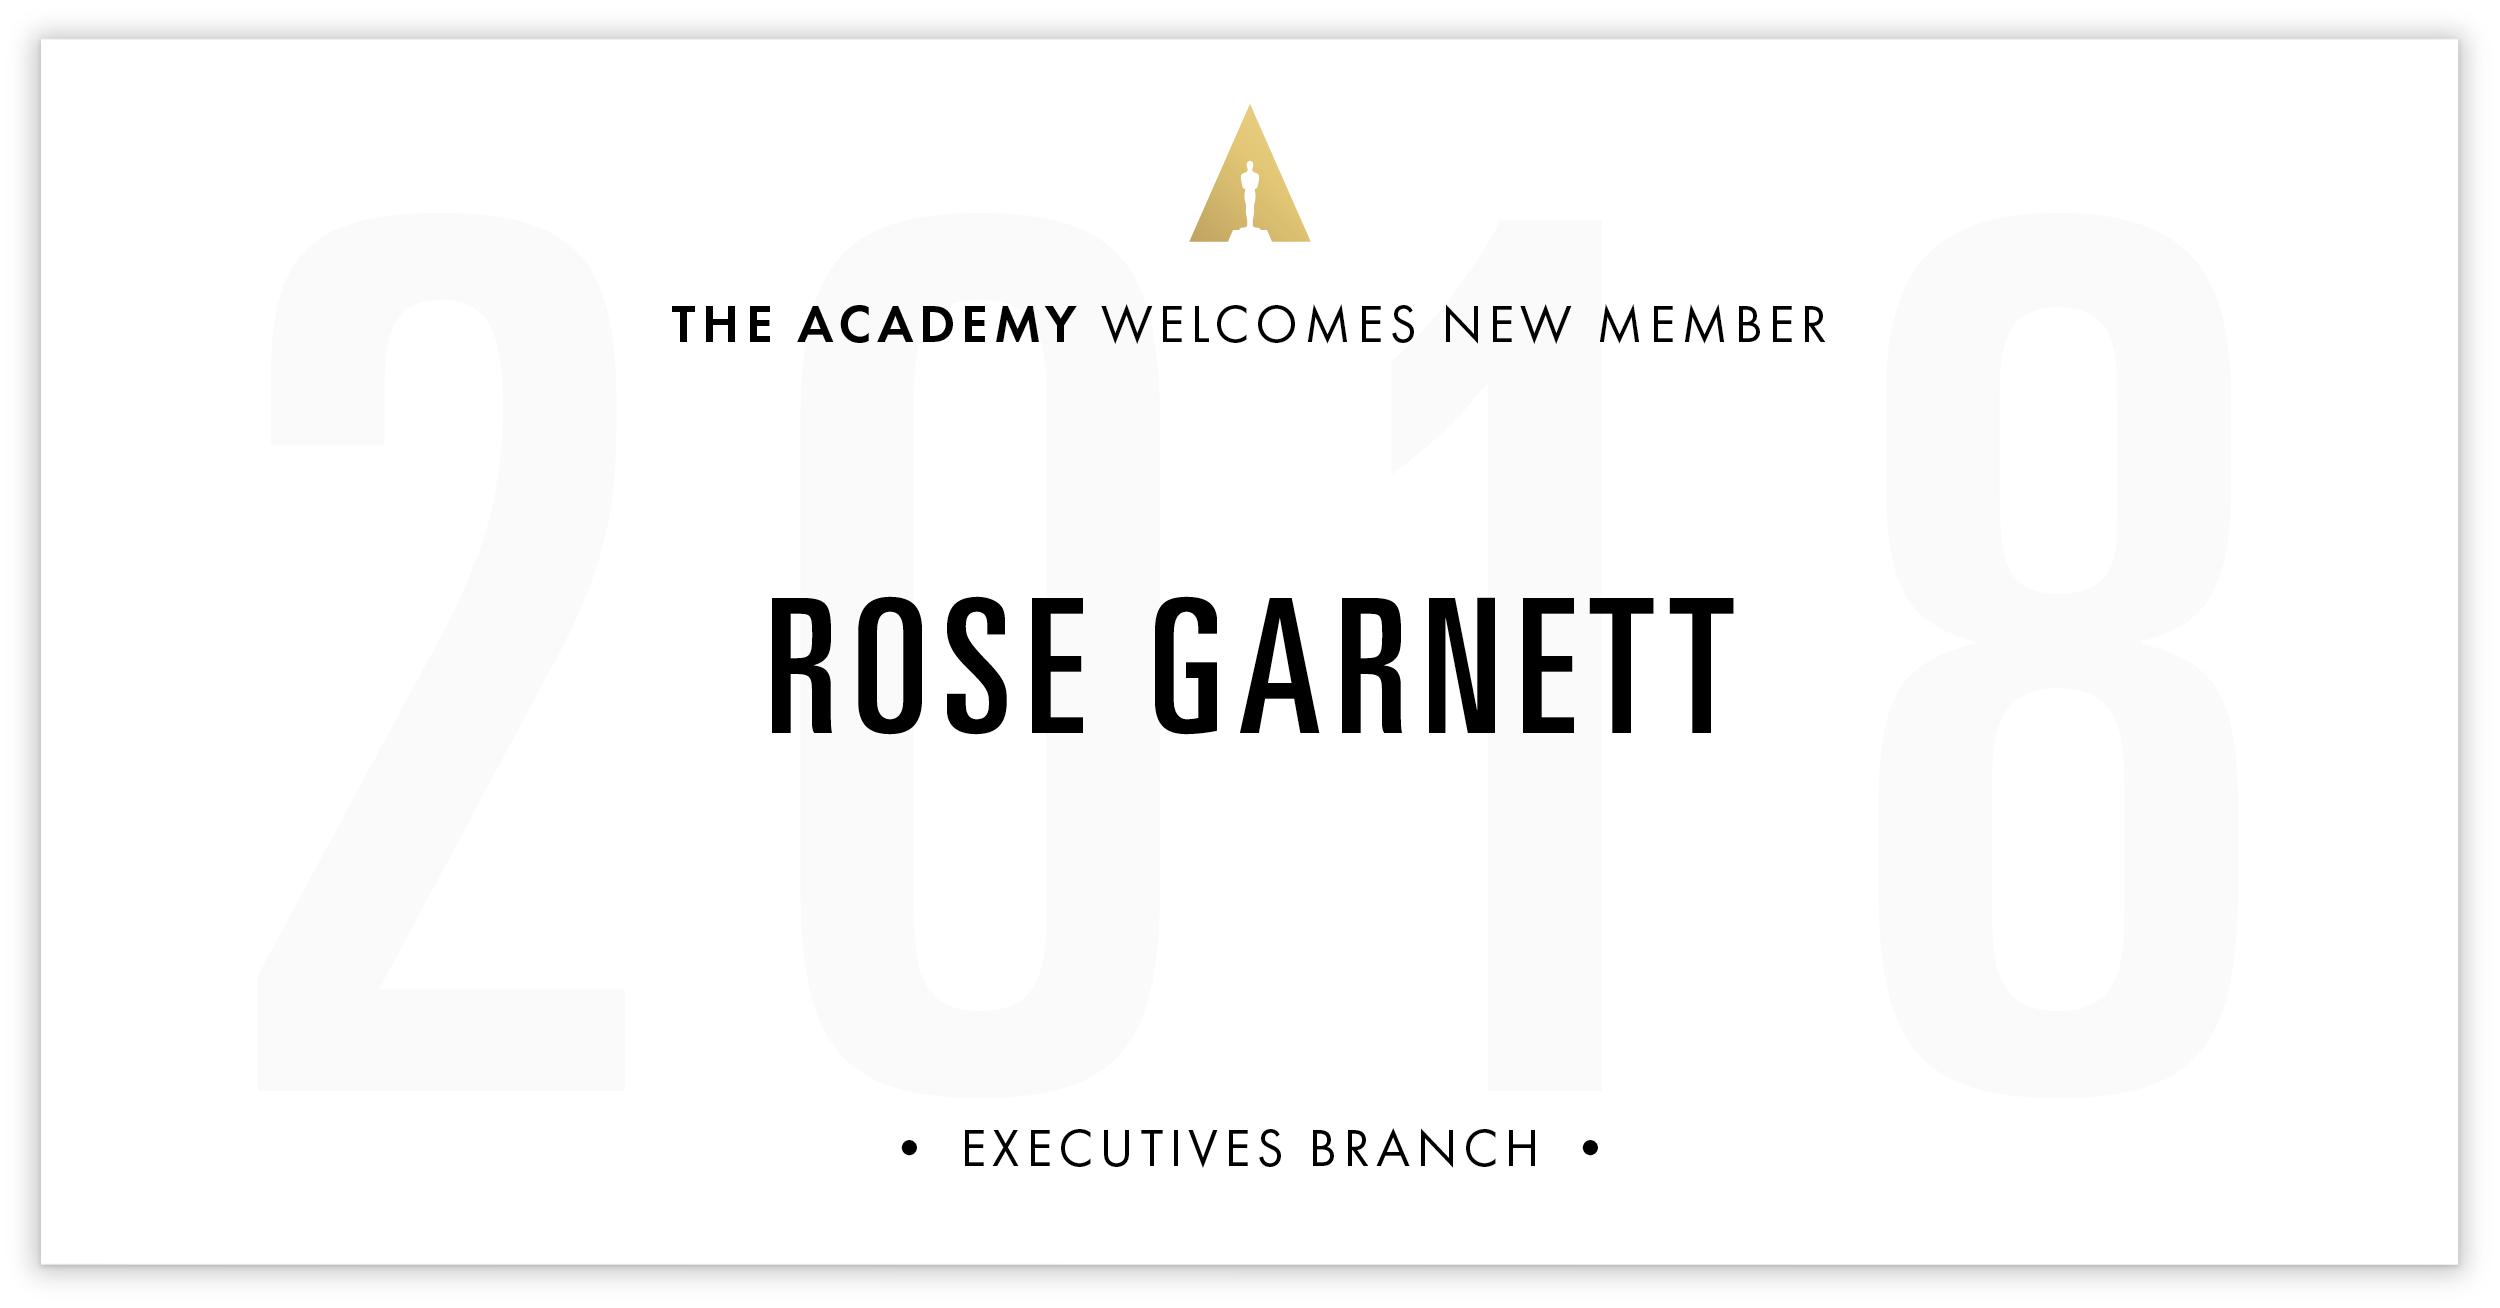 Rose Garnett is invited!